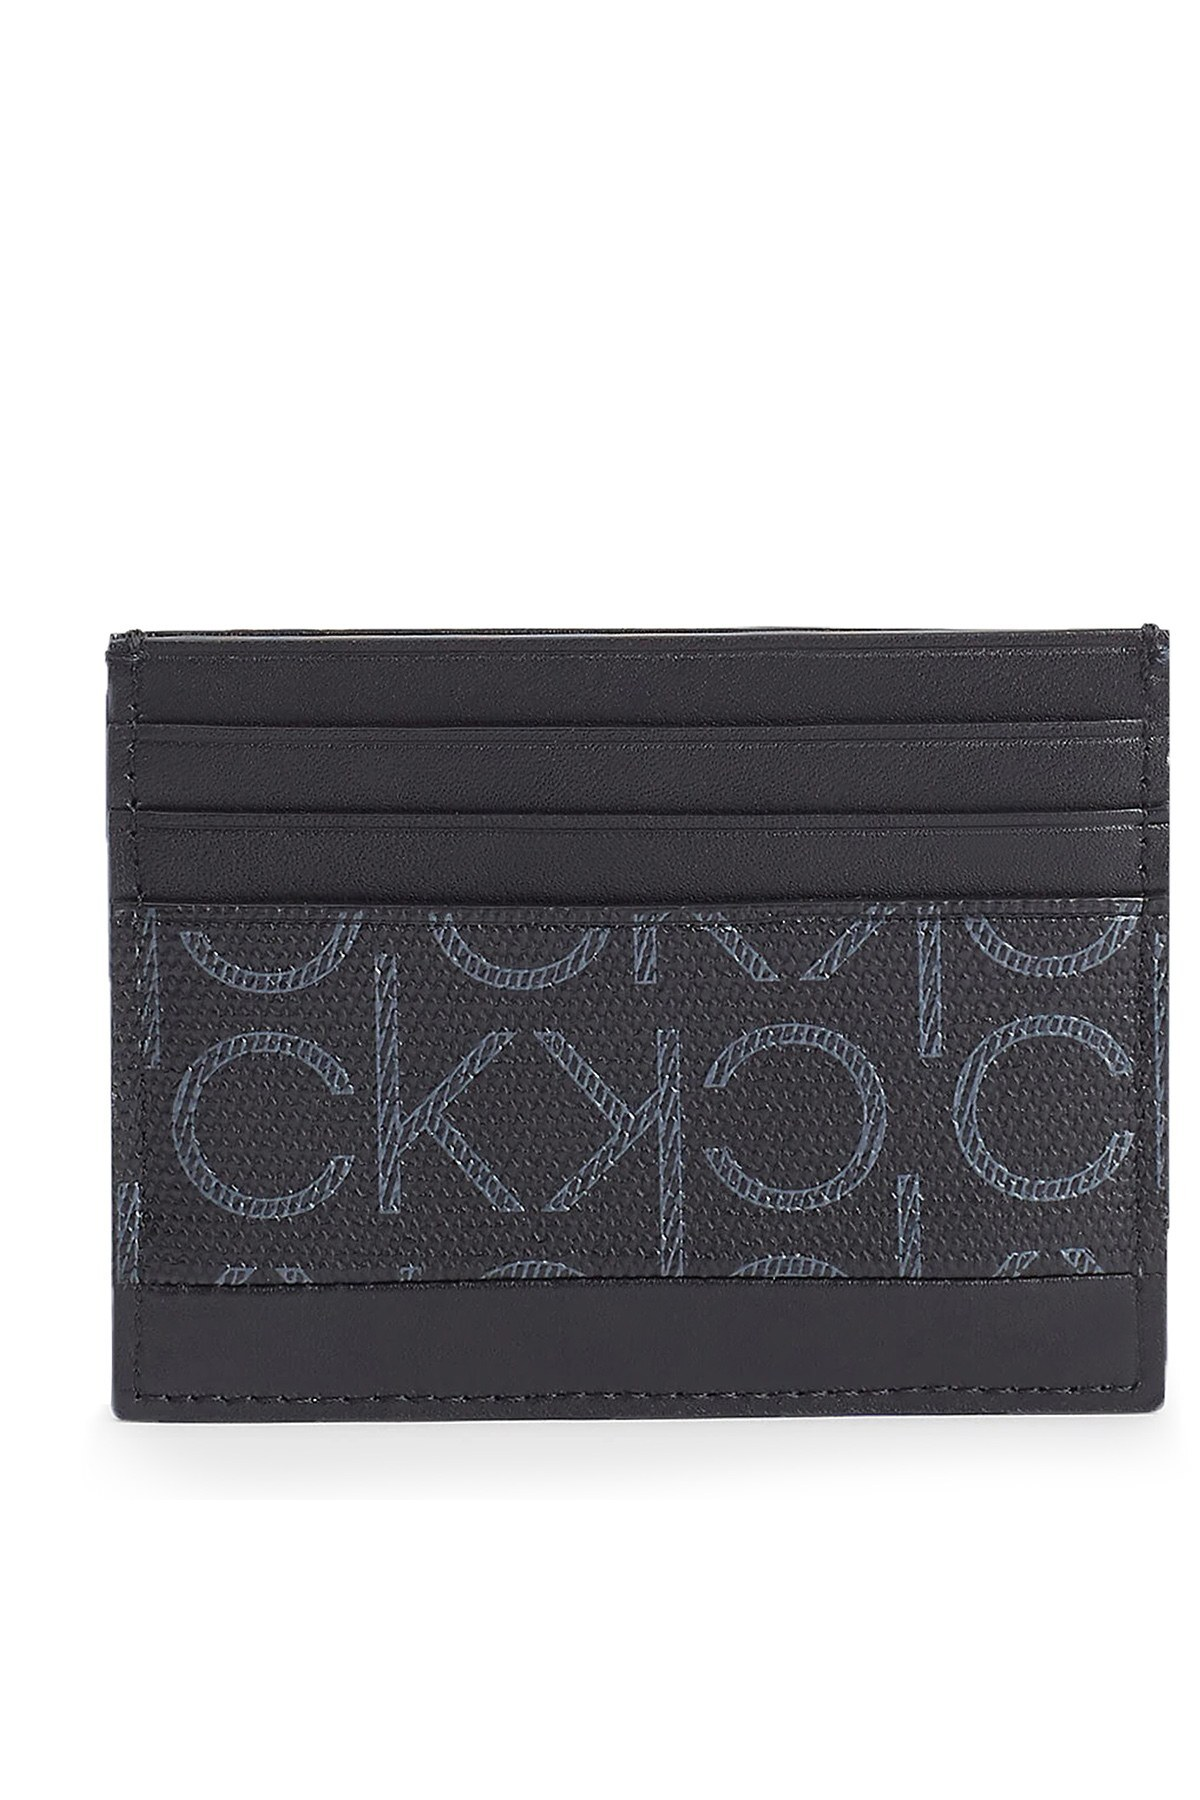 Calvin Klein Logo Baskılı Erkek Kartlık K50K505971 0GN SİYAH